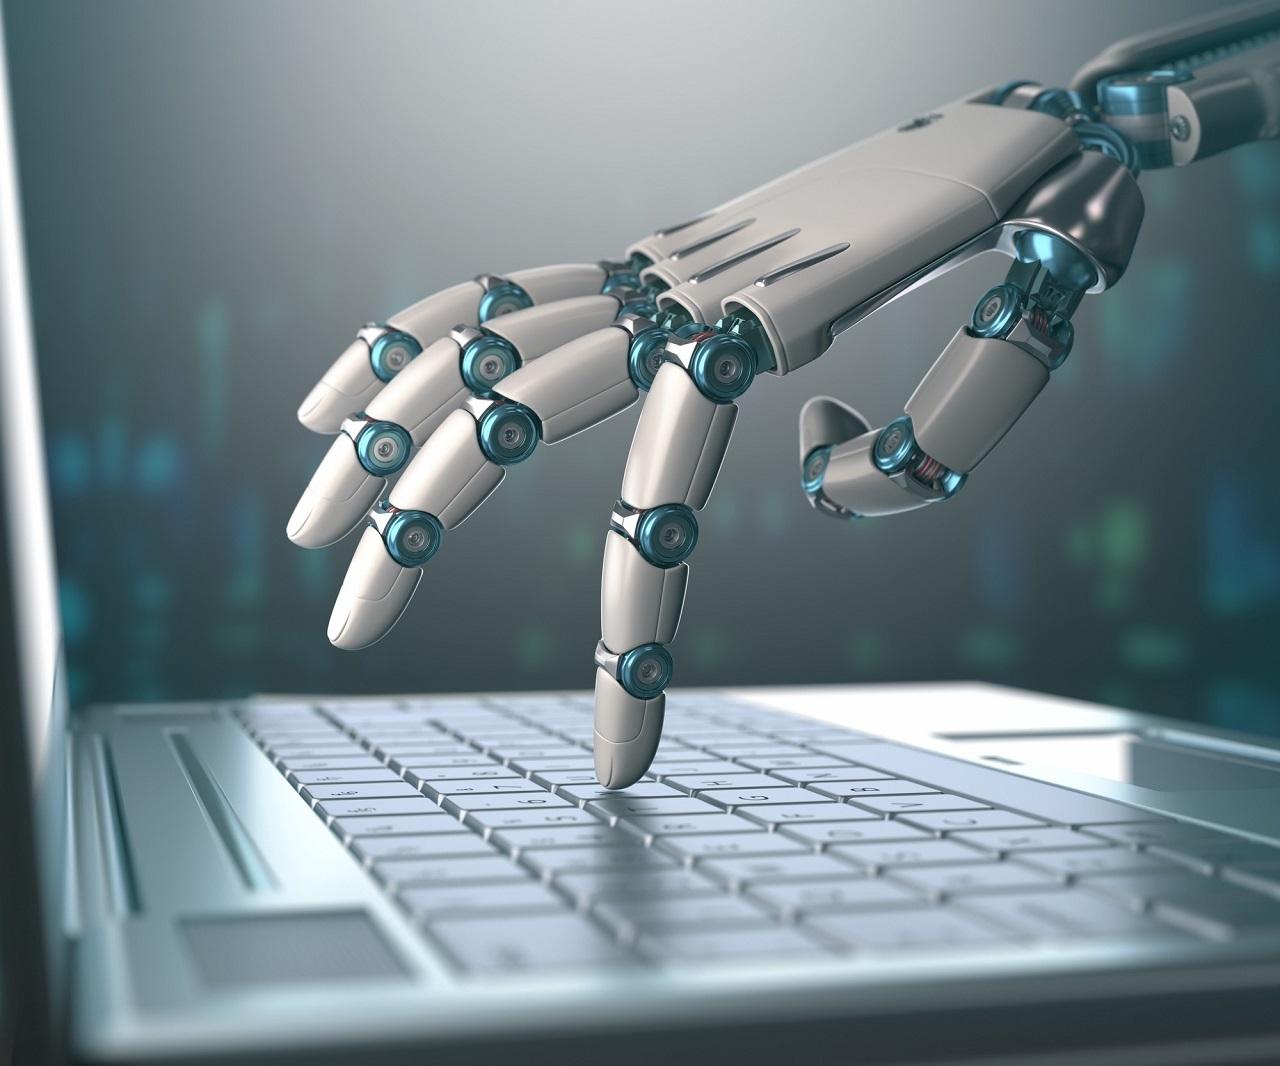 Intelligenza artificiale, nel 2020 in Italia un mercato che vale 300 milioni di euro thumbnail